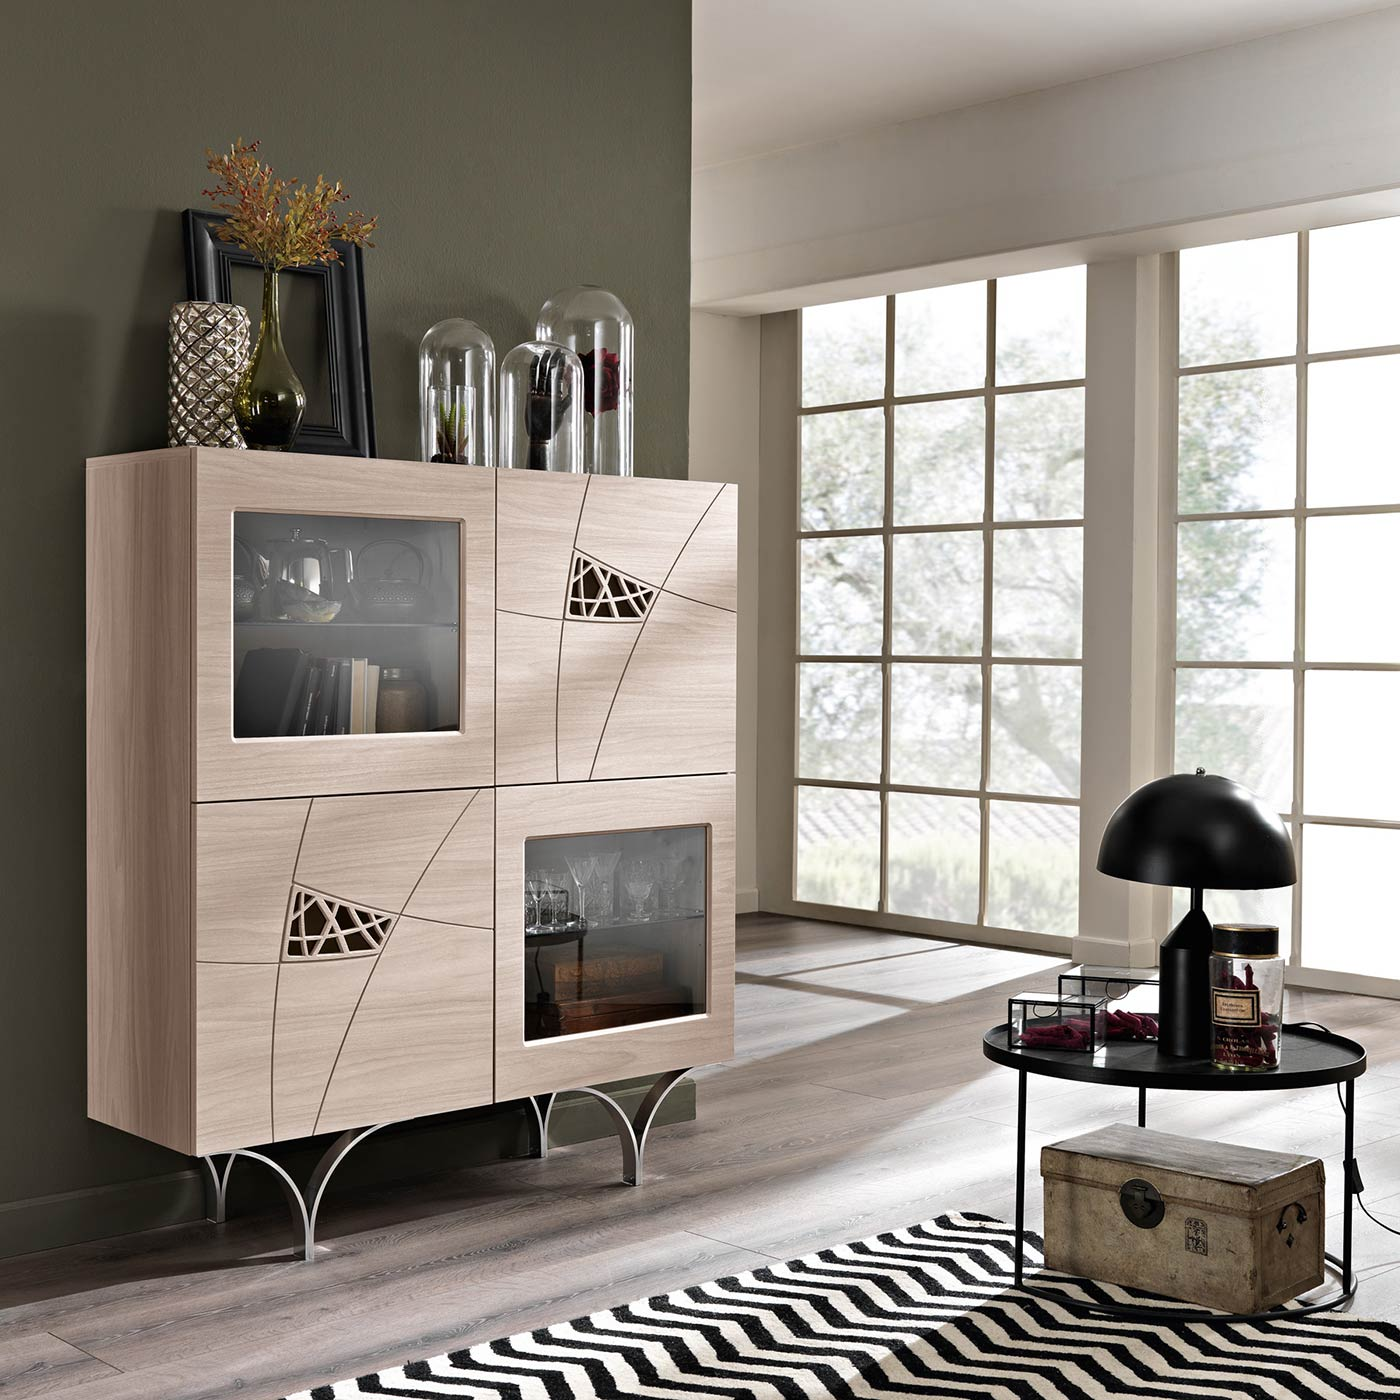 Arredamento soggiorno moderno modello lapis spar for Arredamento soggiorno moderno